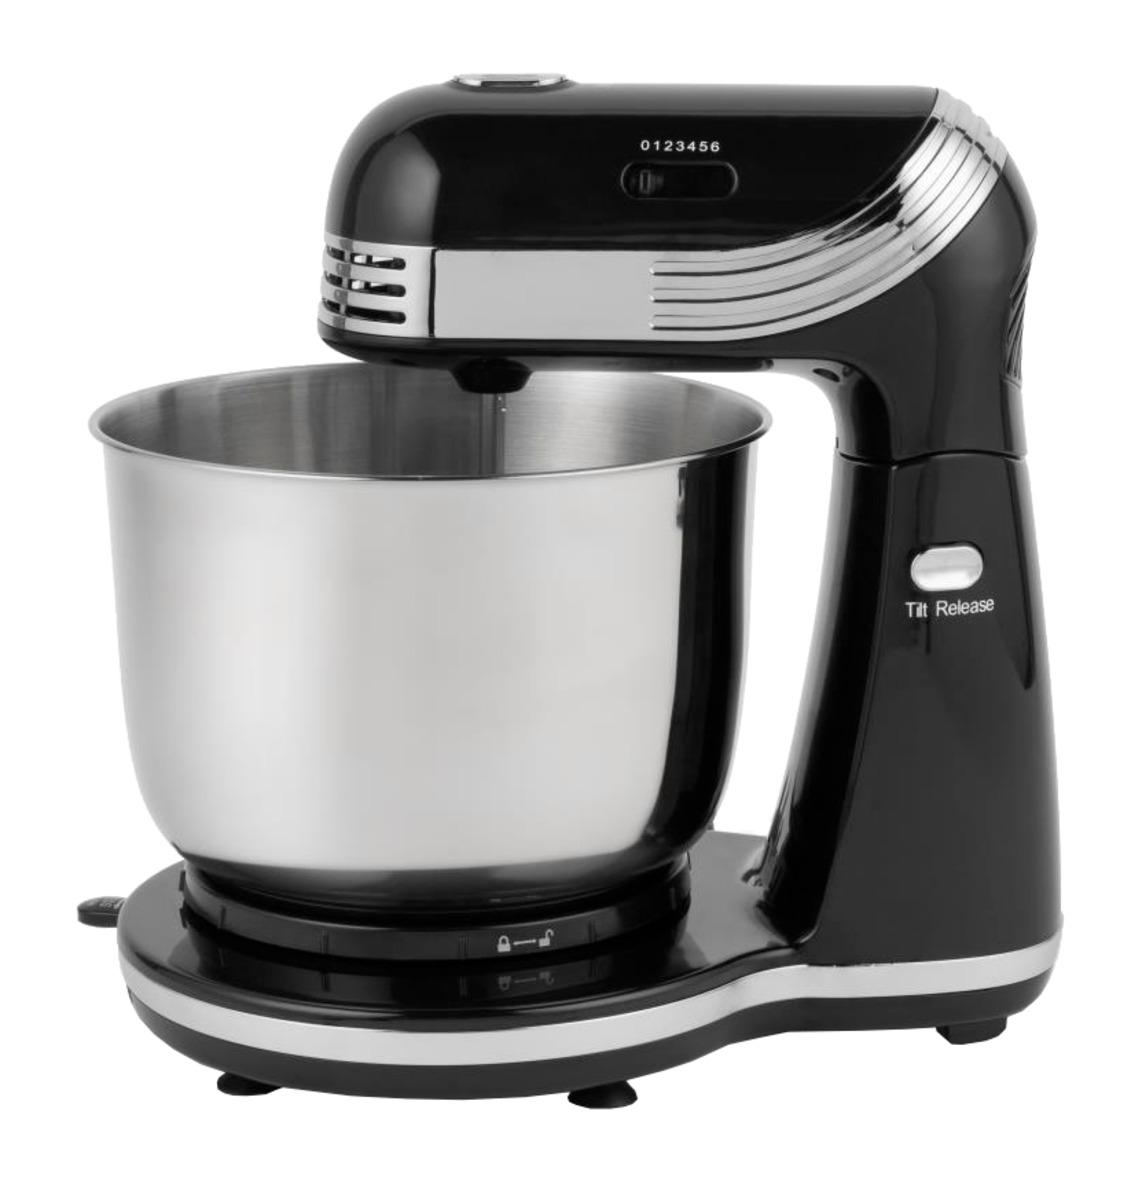 Bild 1 von Progress Kompakt-Küchenmaschine